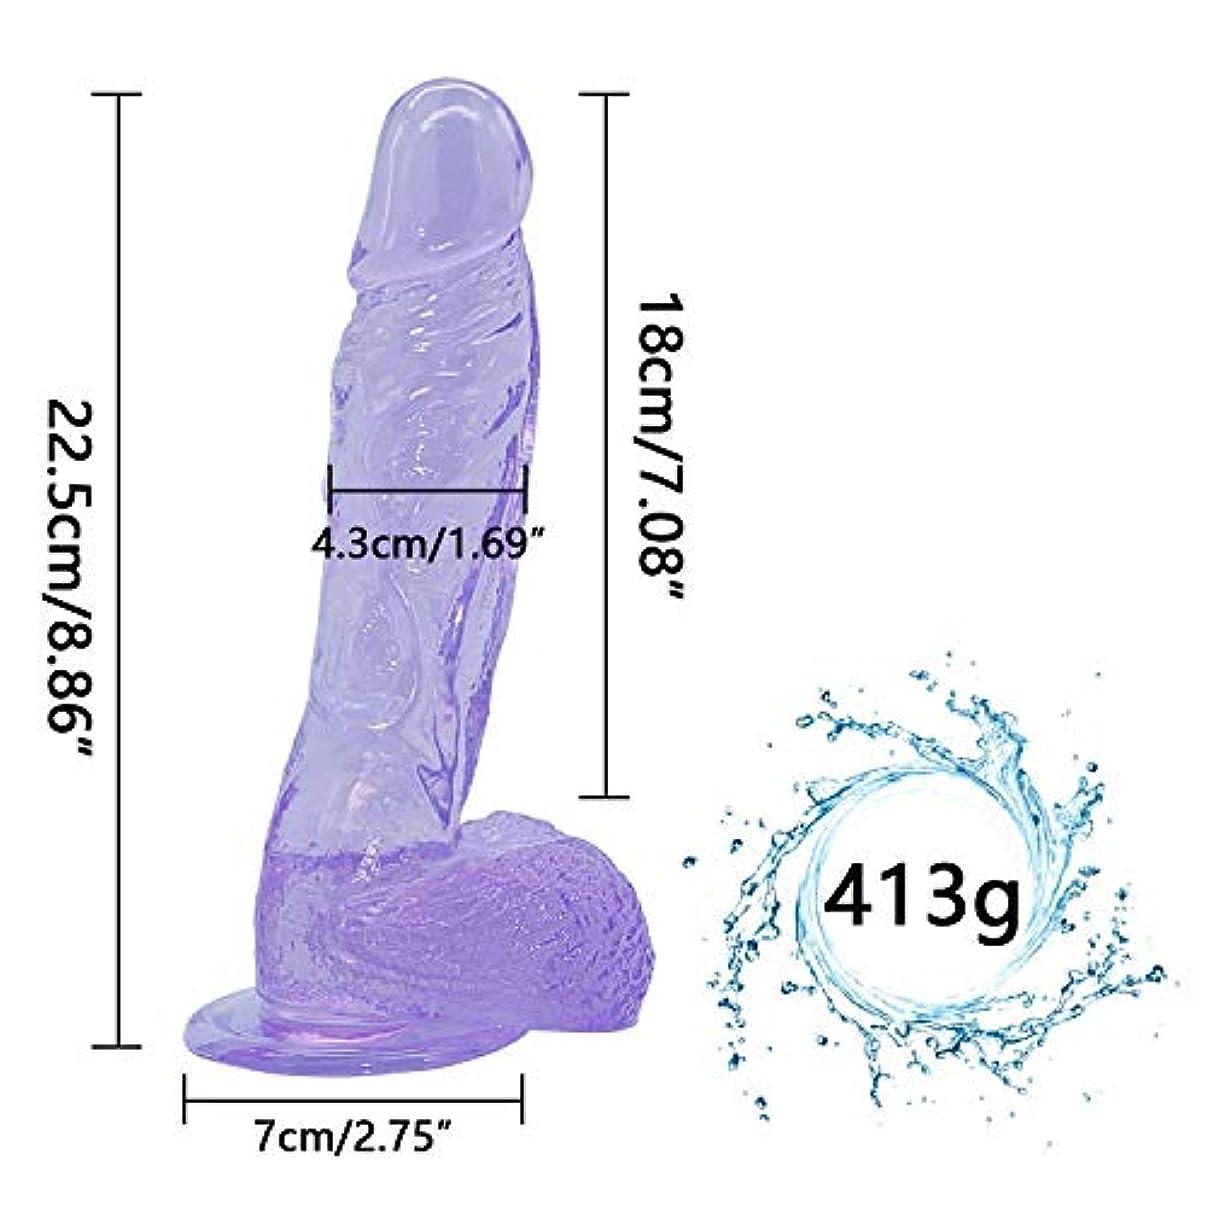 エールサドル怒りChenXiDian 巨大な洞8.86インチのリアルなマッサージャー強力なサクションカップボディマッサージを備えた巨大なマッサージャー-機密配送-慎重な配送-出会いは秘密です 本当の感触